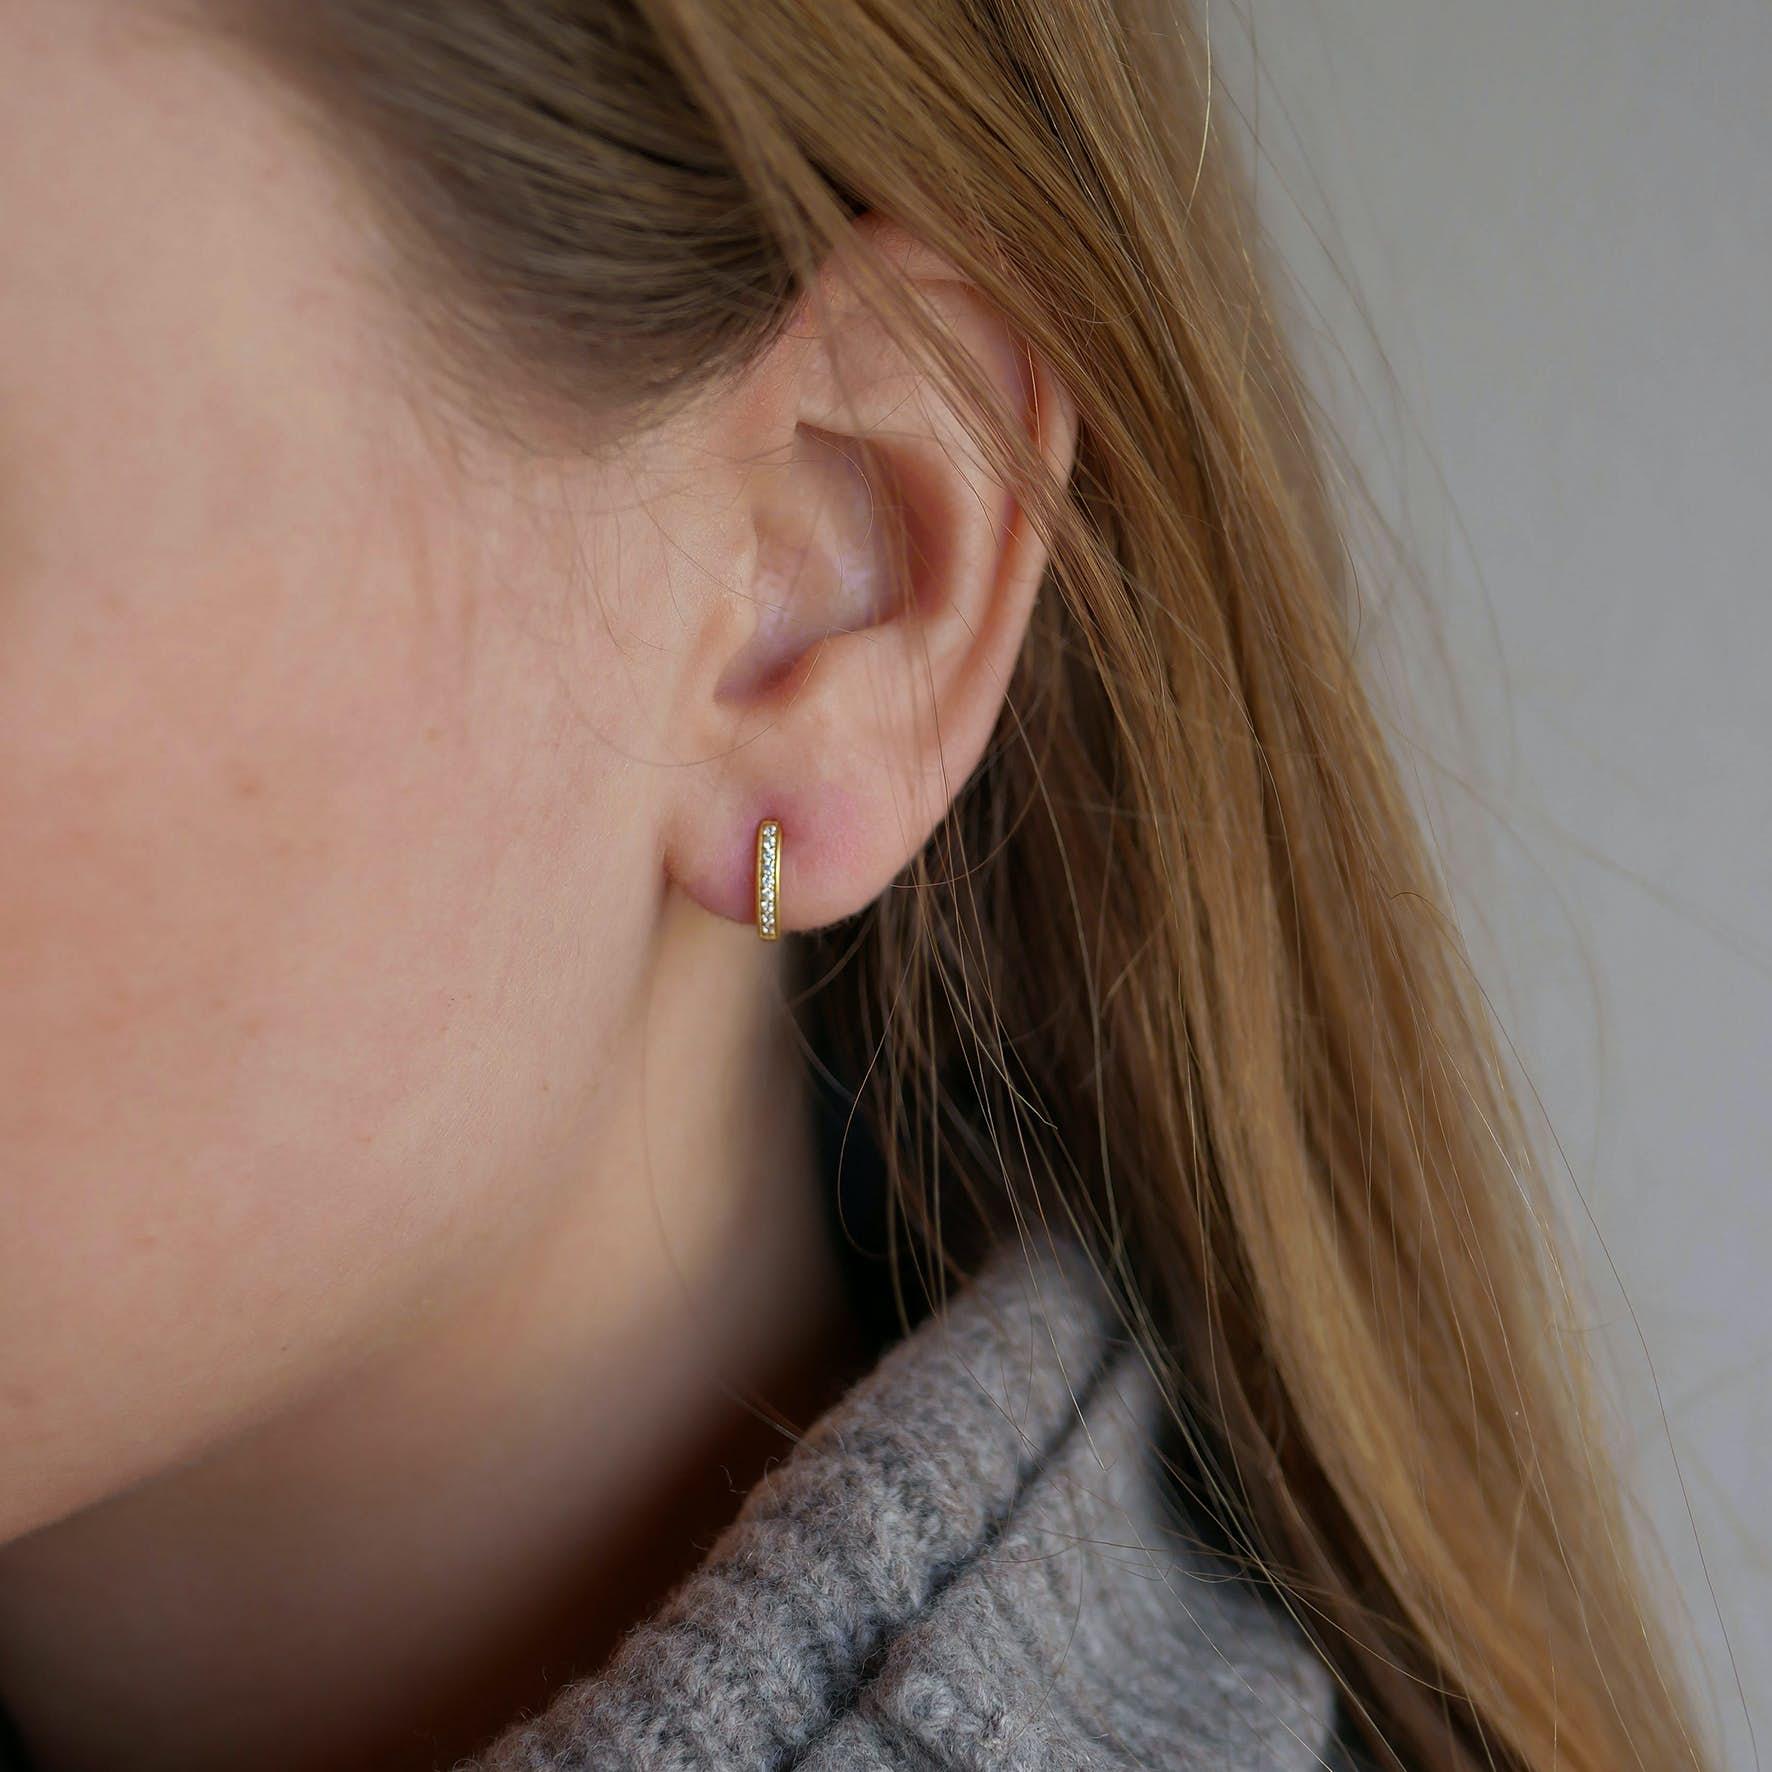 Fauna Earrings fra Enamel Copenhagen i Forgylt-Sølv Sterling 925